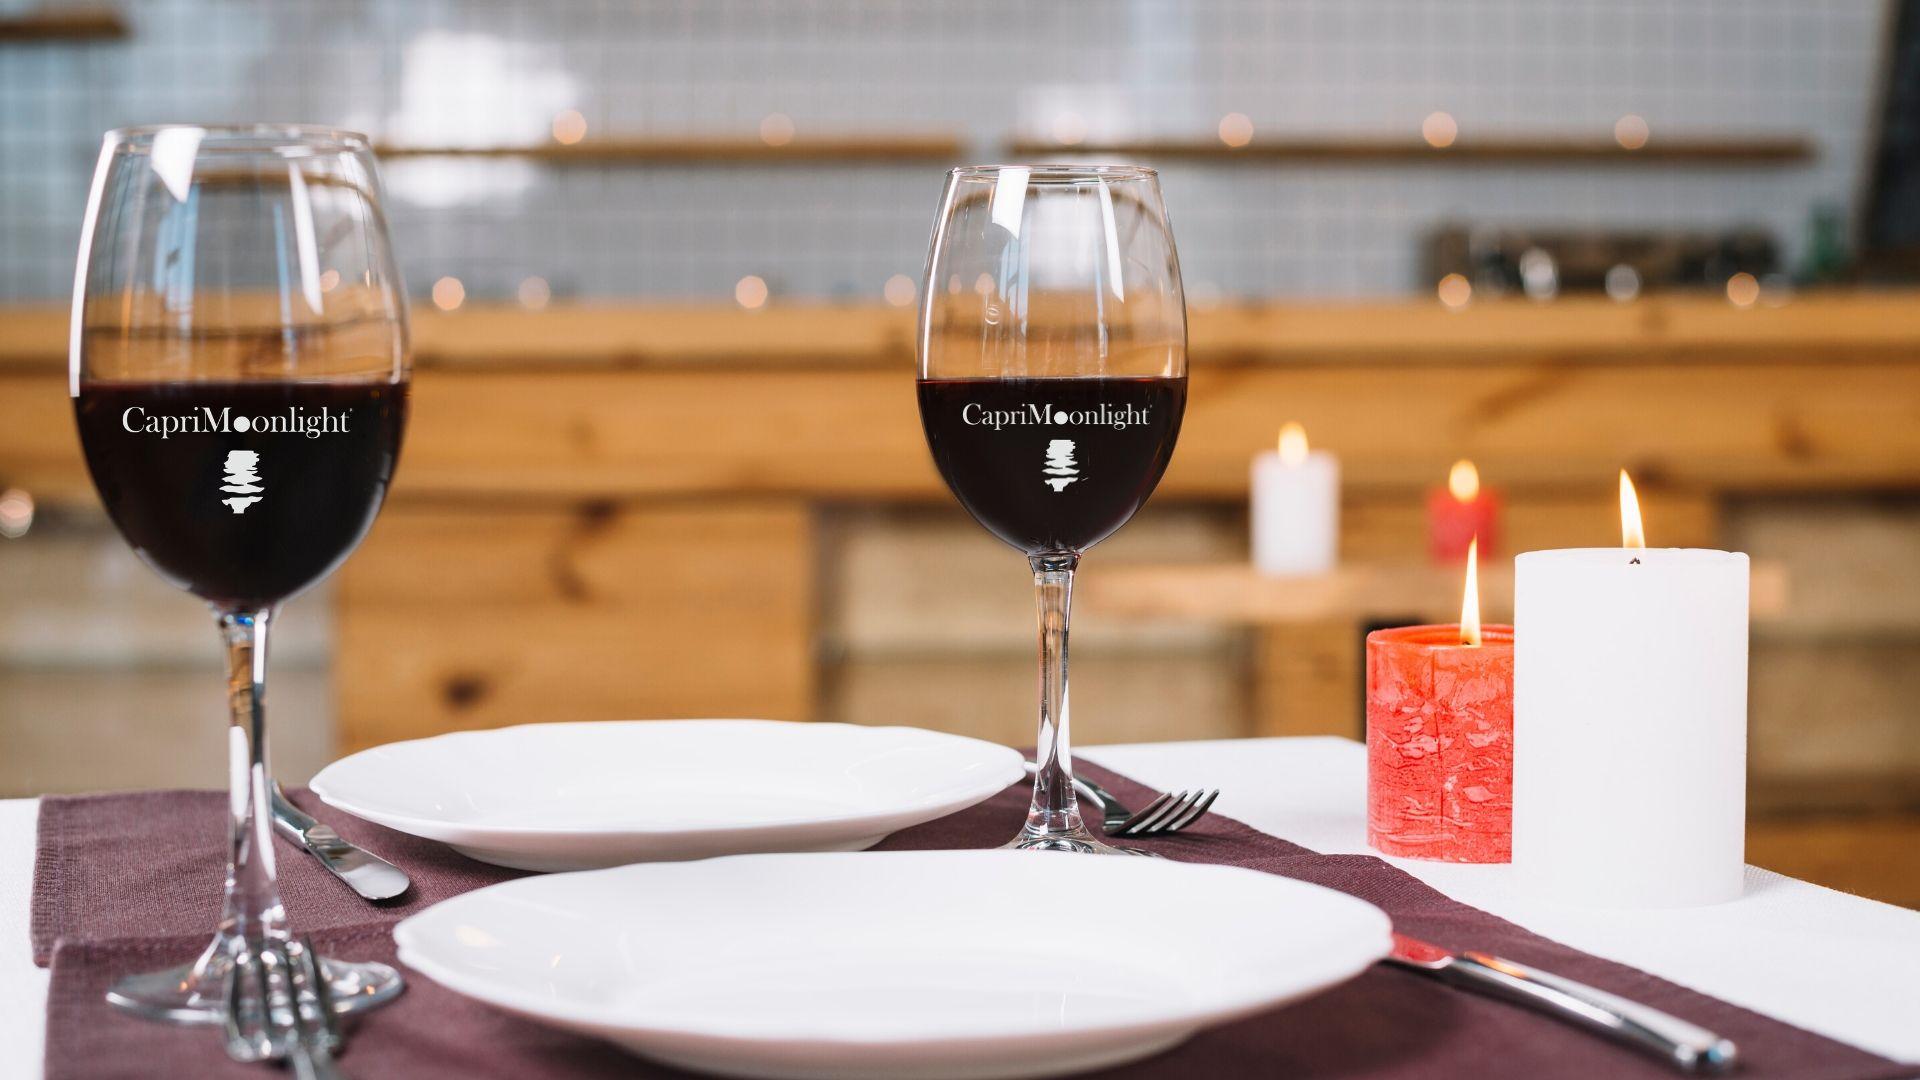 Restare a casa e sorseggiare un calice di vino per rilassarsi e/o curarsi